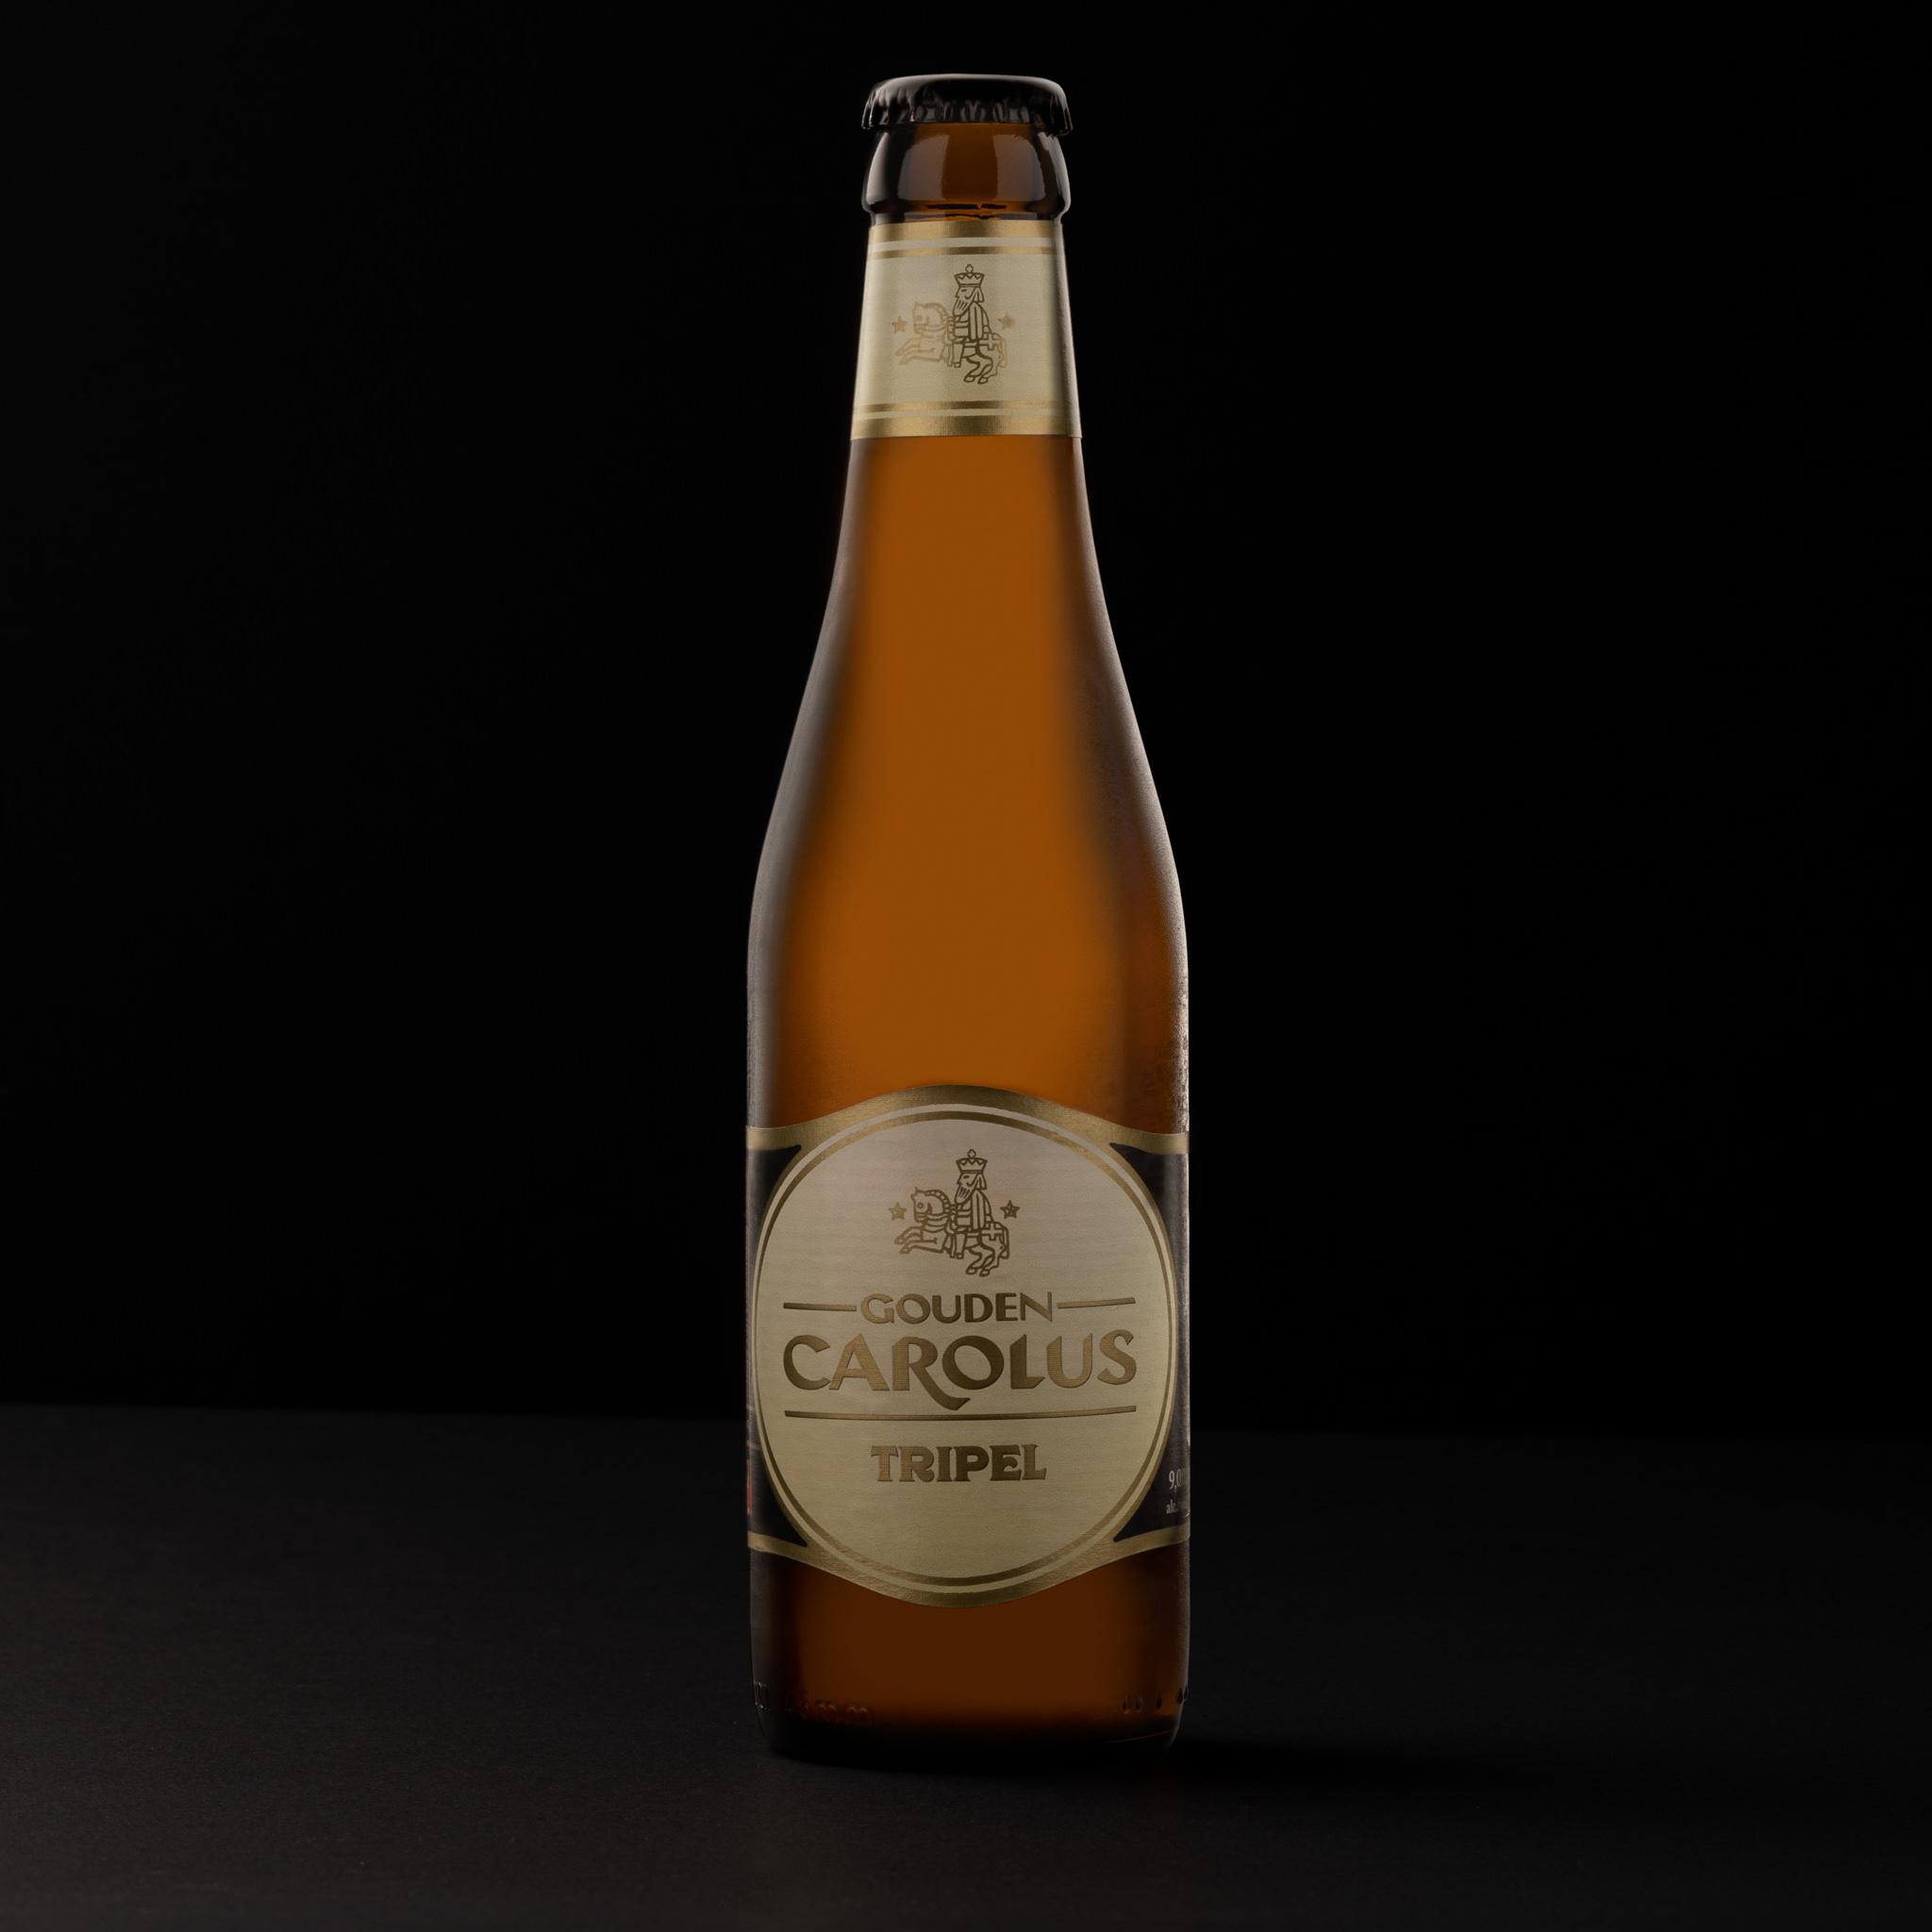 bier gouden carolus foto sessie